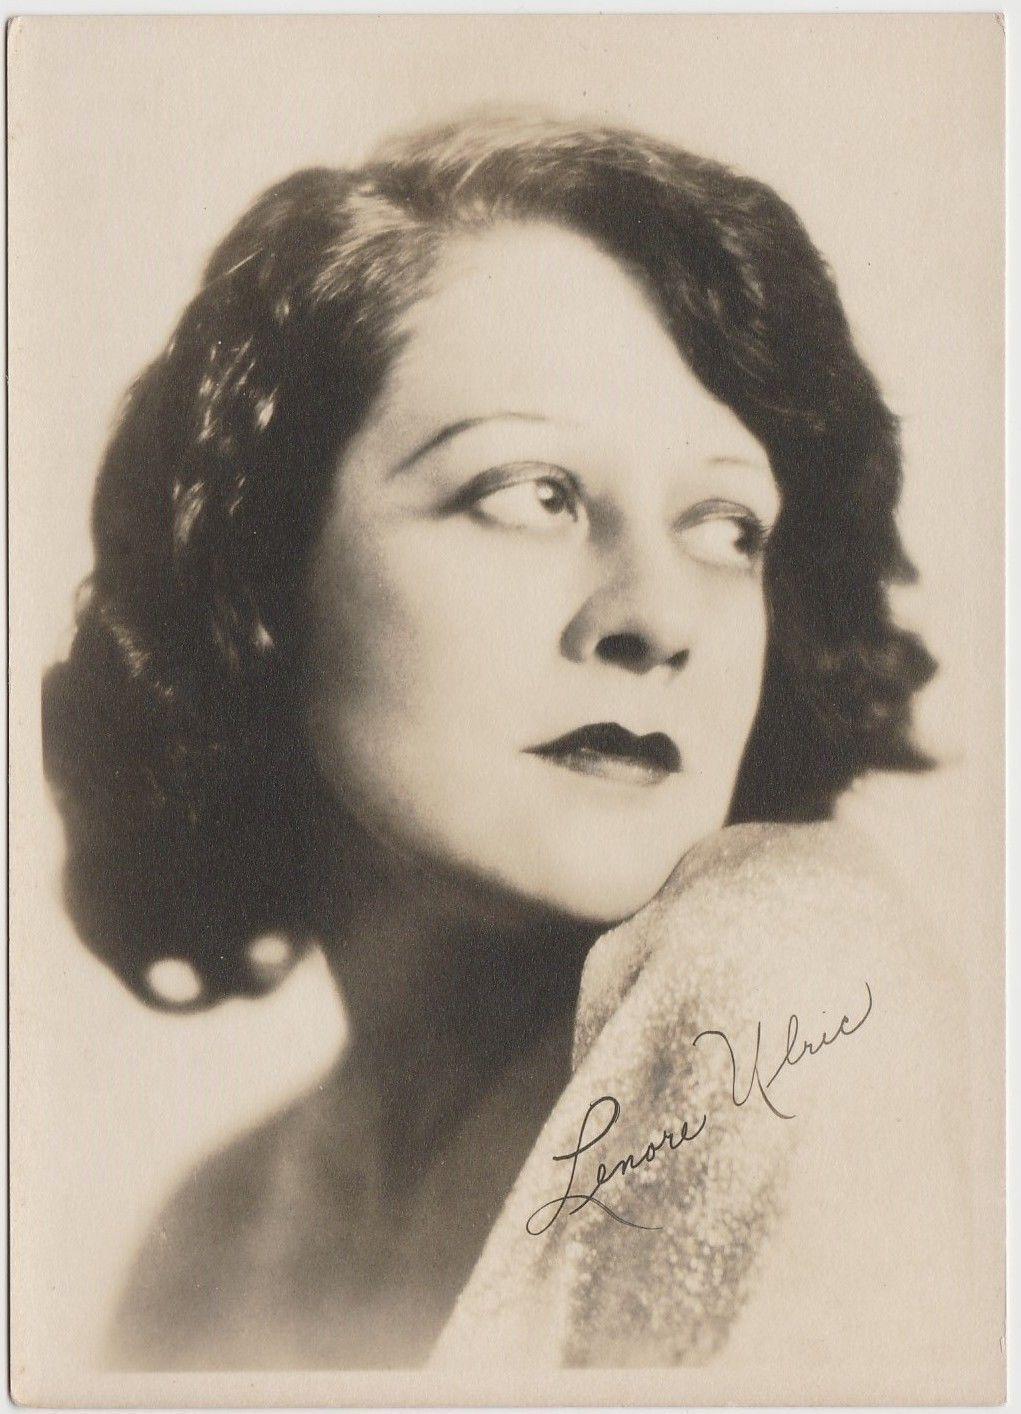 Lottie Lyell foto